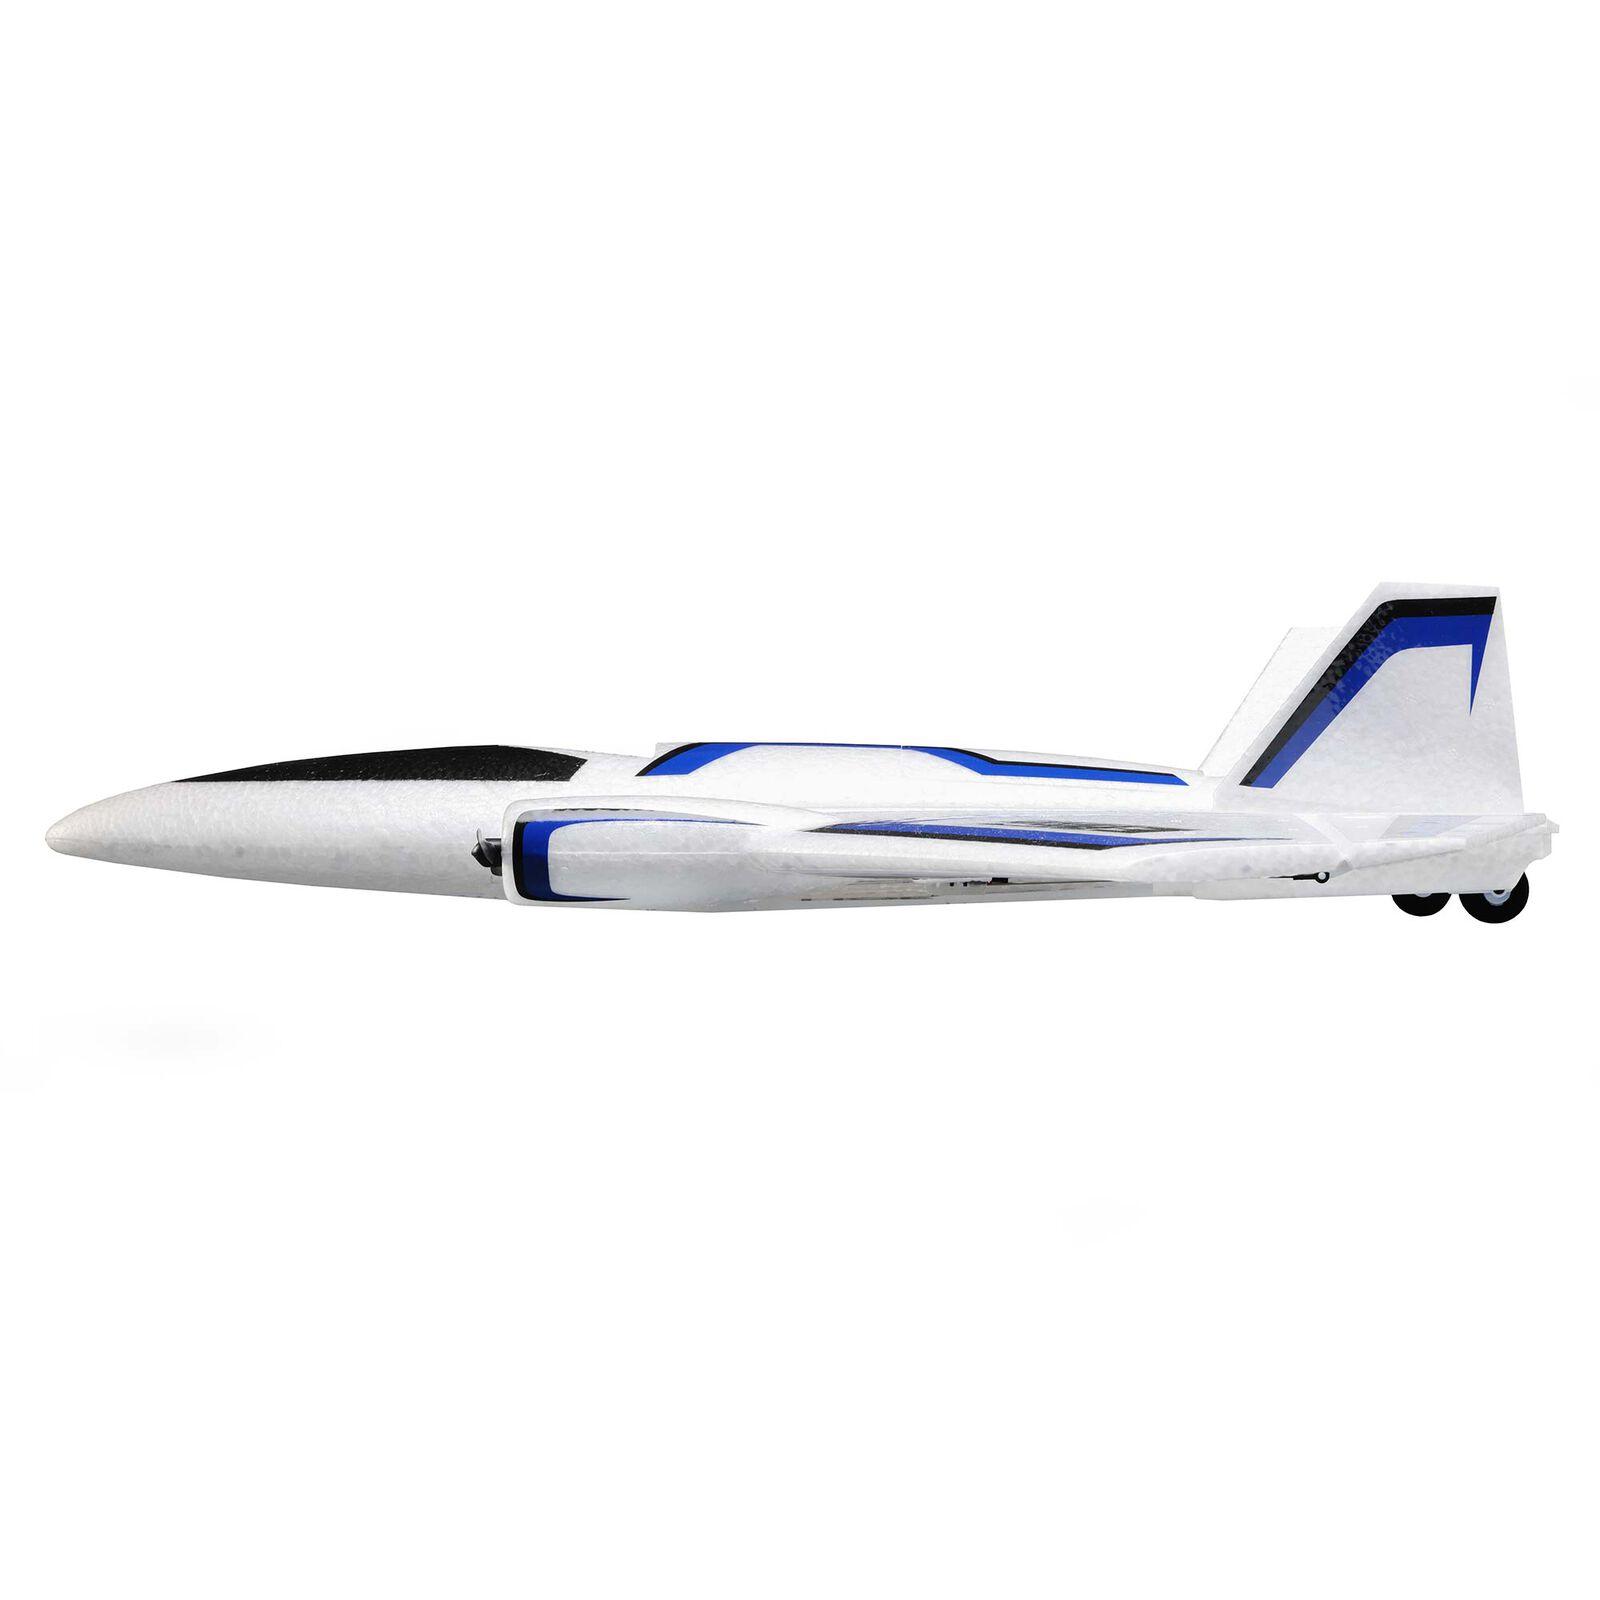 Ultrix 600mm E-flite